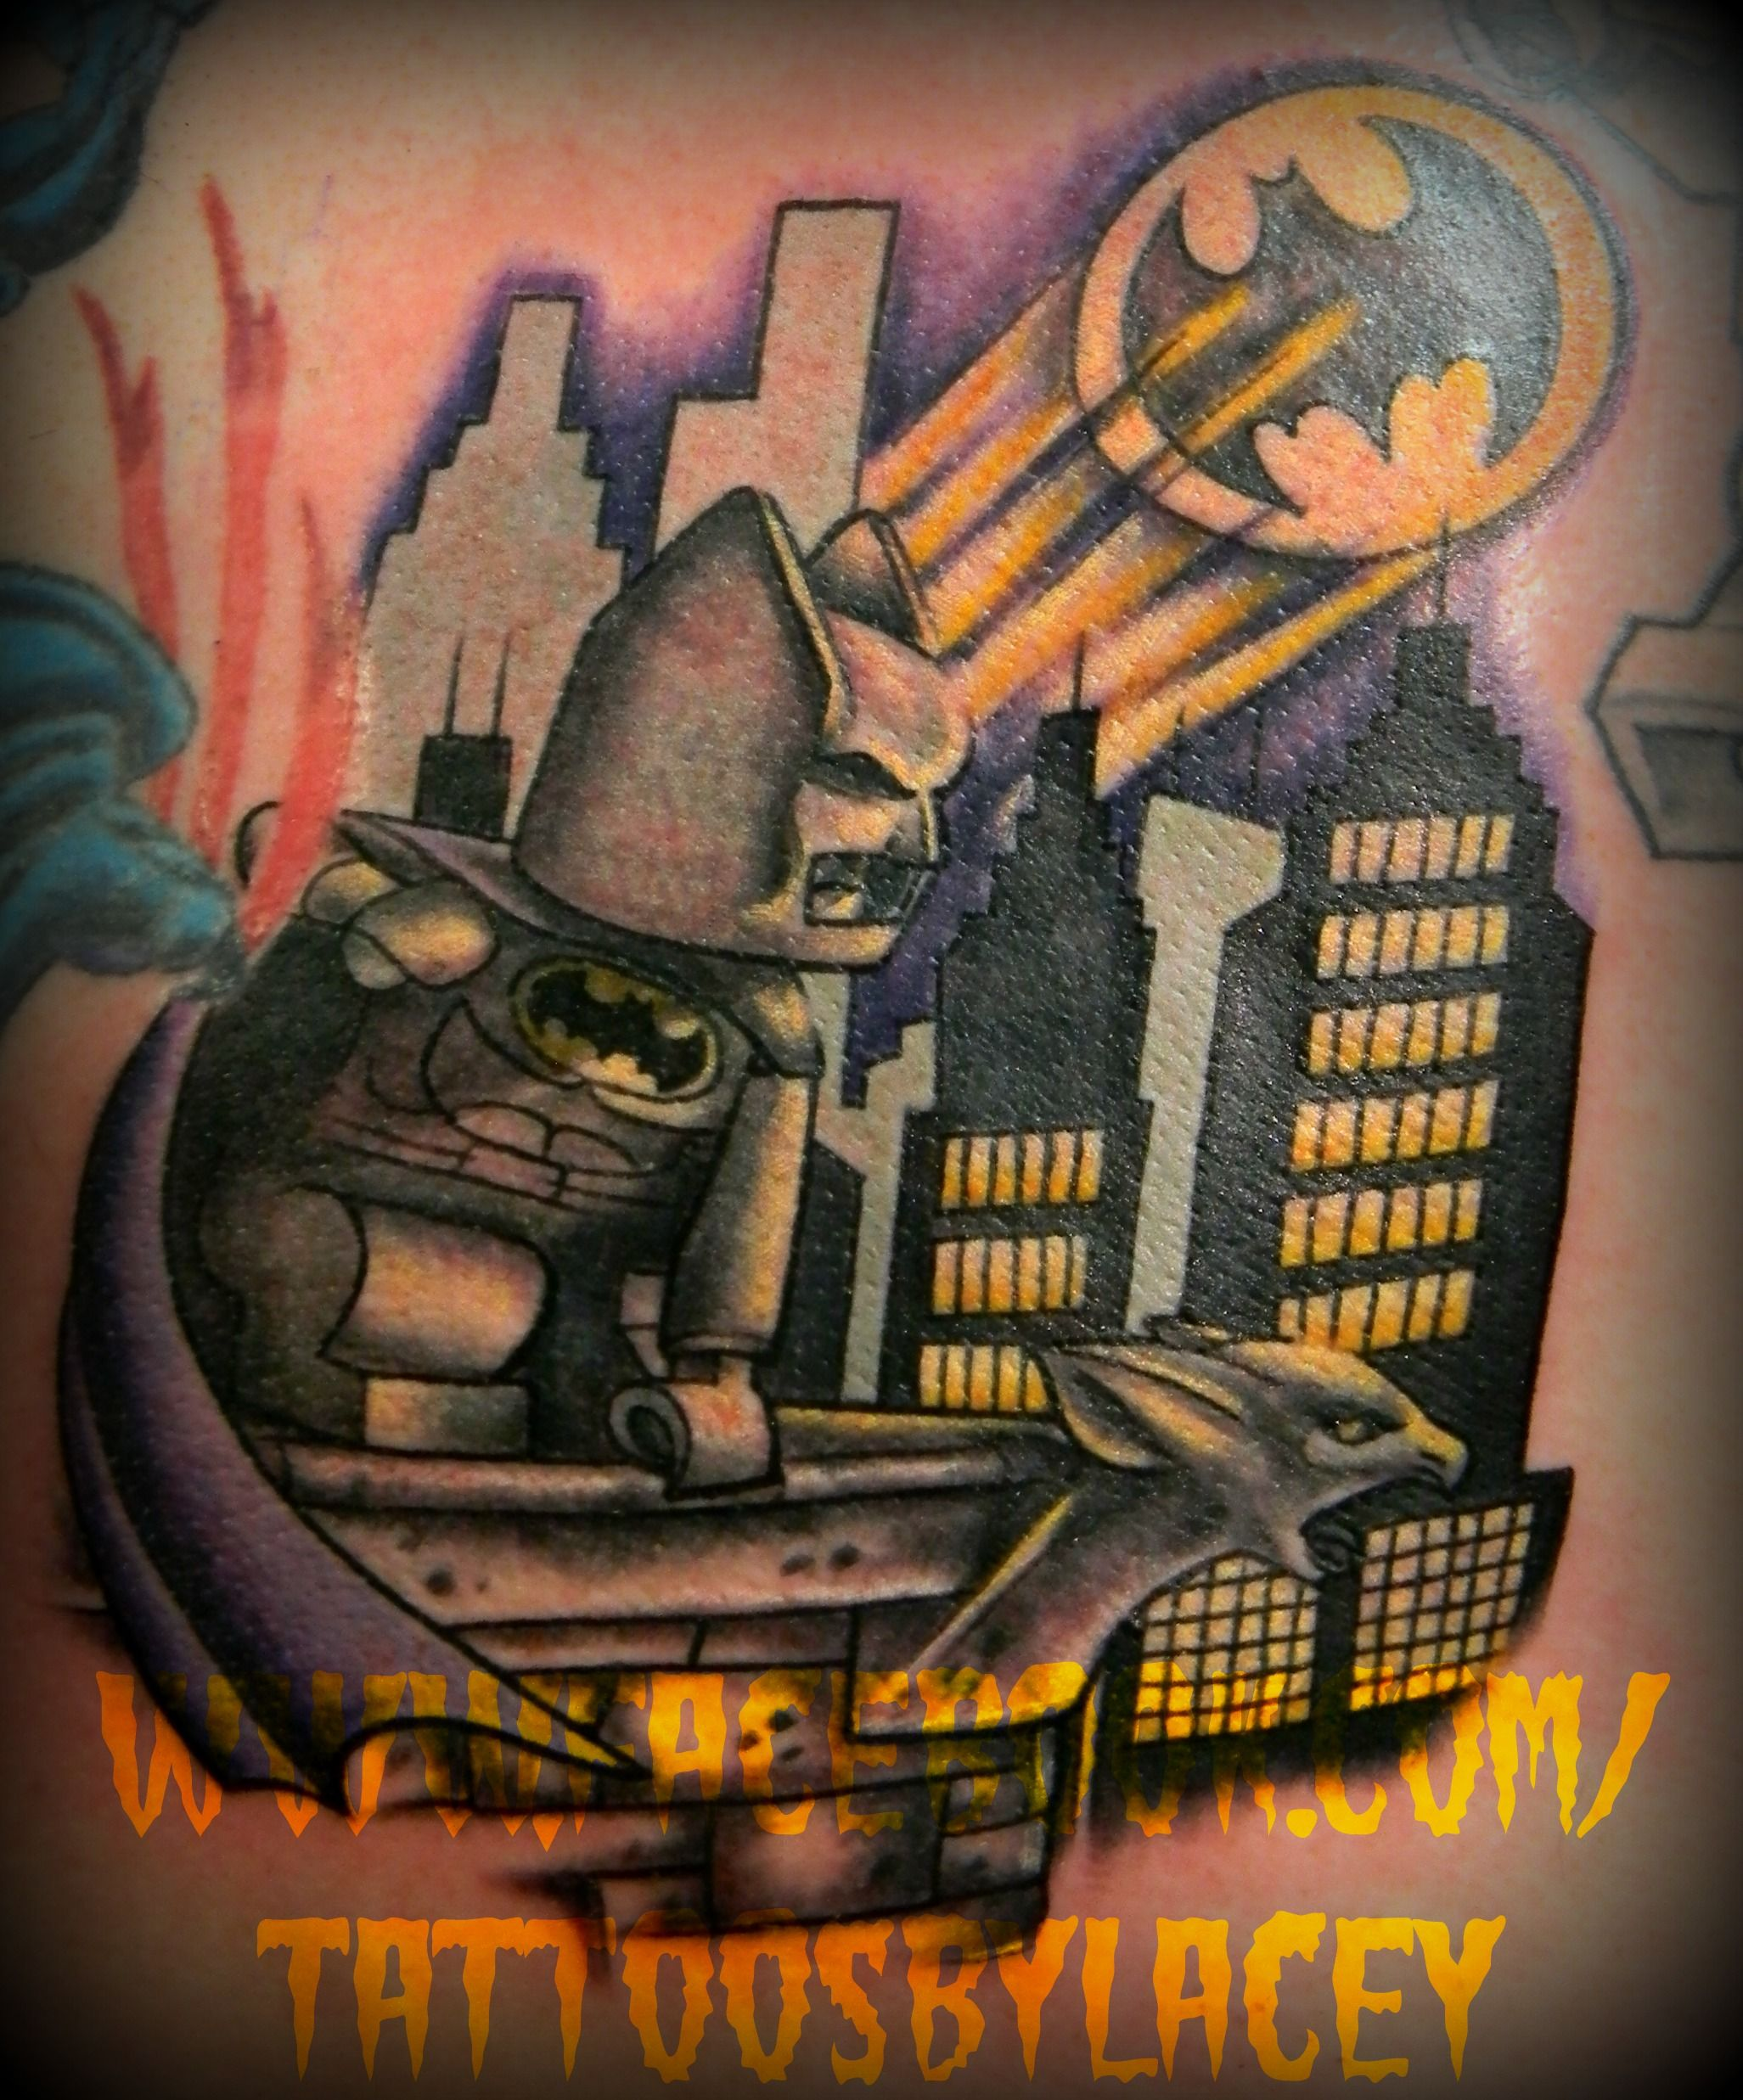 Flaming art tattoo for geek tattoo lovers this kind of batman - Tattoo